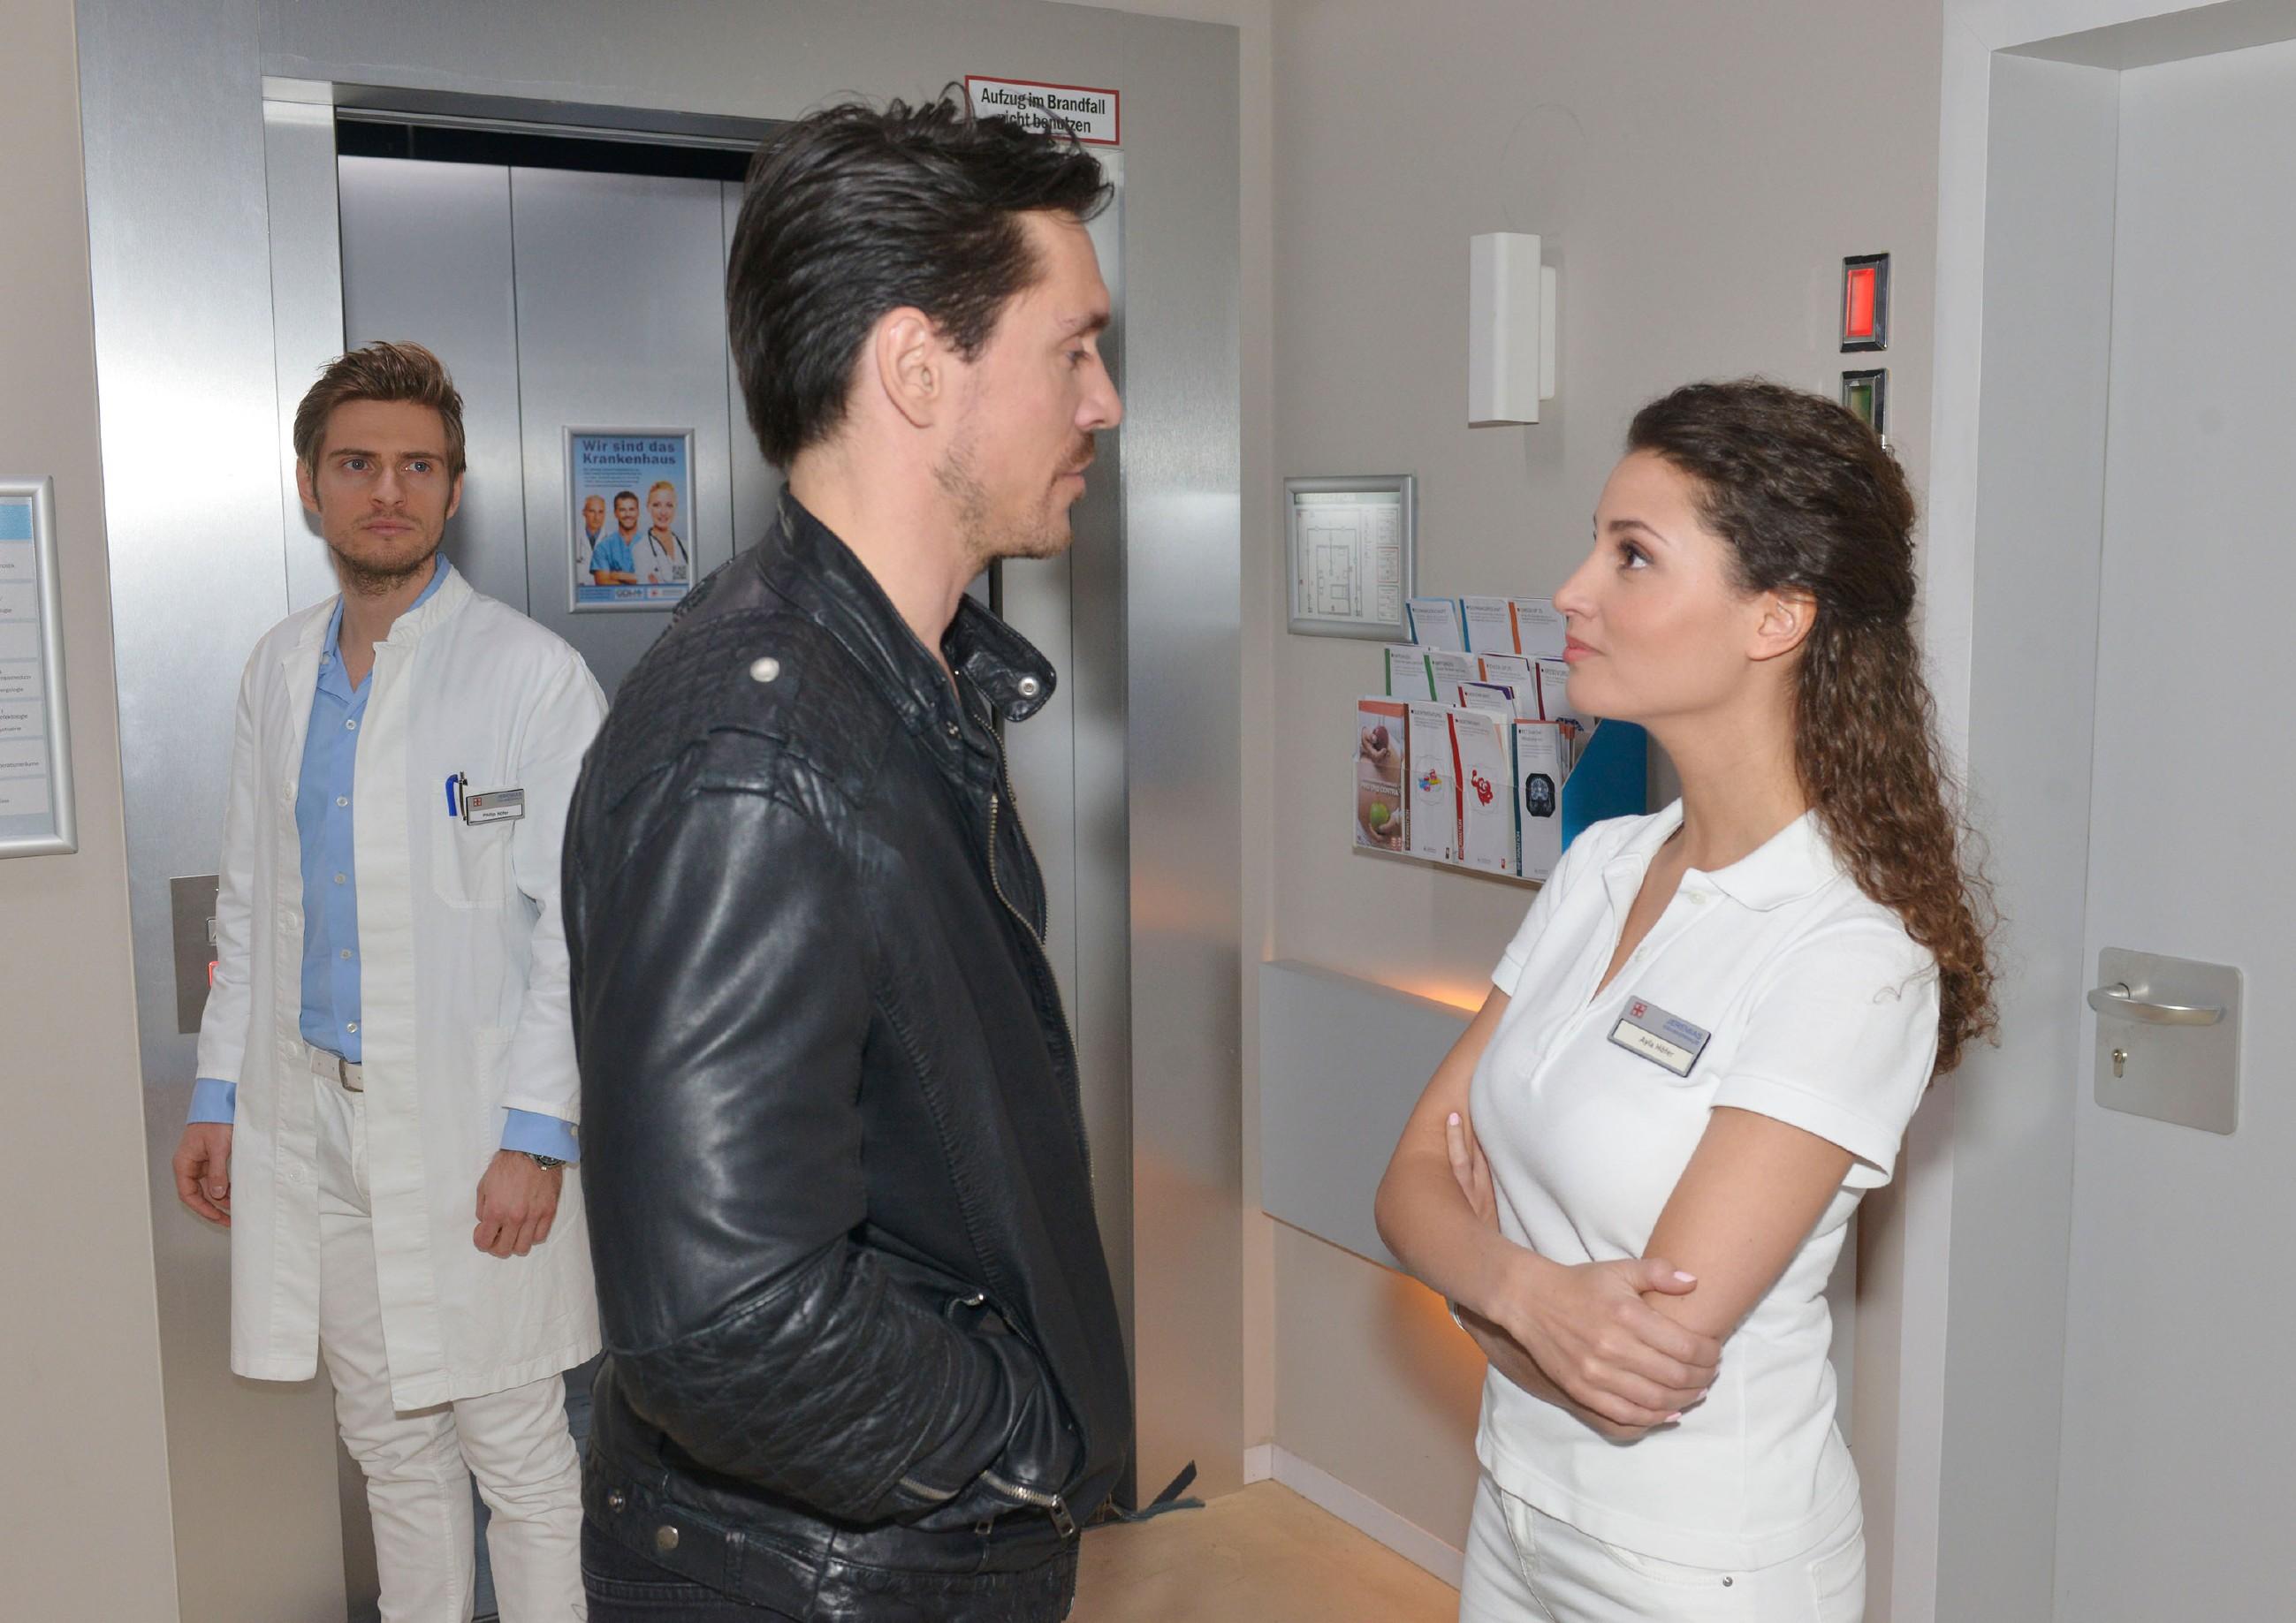 Als David (Philipp Christopher, M.) wegen Schmerzen im Knie überraschend im Krankenhaus aufschlägt, zeigt Ayla (Nadine Menz) ihm die kalte Schulter und lässt ihn ihre Enttäuschung spüren. Philip (Jörn Schlönvoigt) hingegen fragt sich, ob zwischen den beiden etwas läuft. (Quelle: RTL / Rolf Baumgartner)